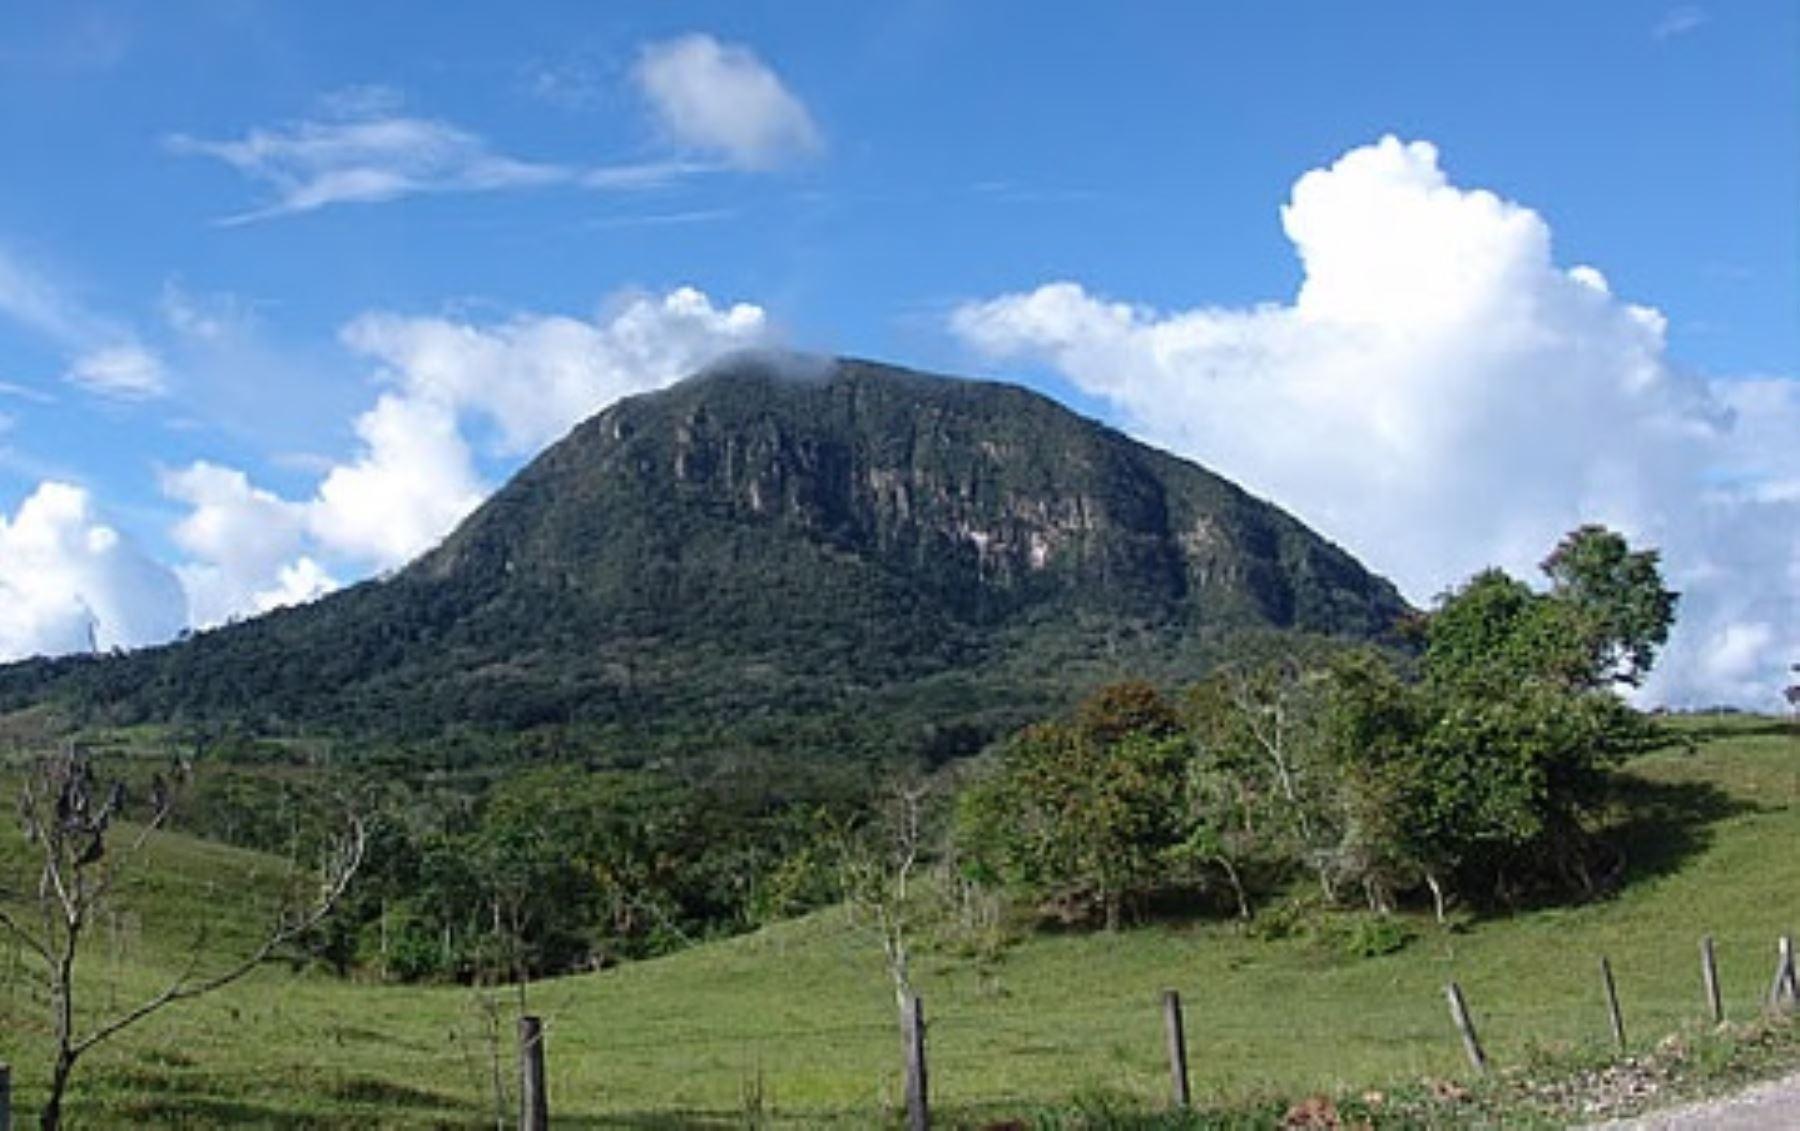 Morro de Calzada, en la ciudad de Moyobamba, región San Martín. Foto: Dirección Regional de Turismo de San Martín.